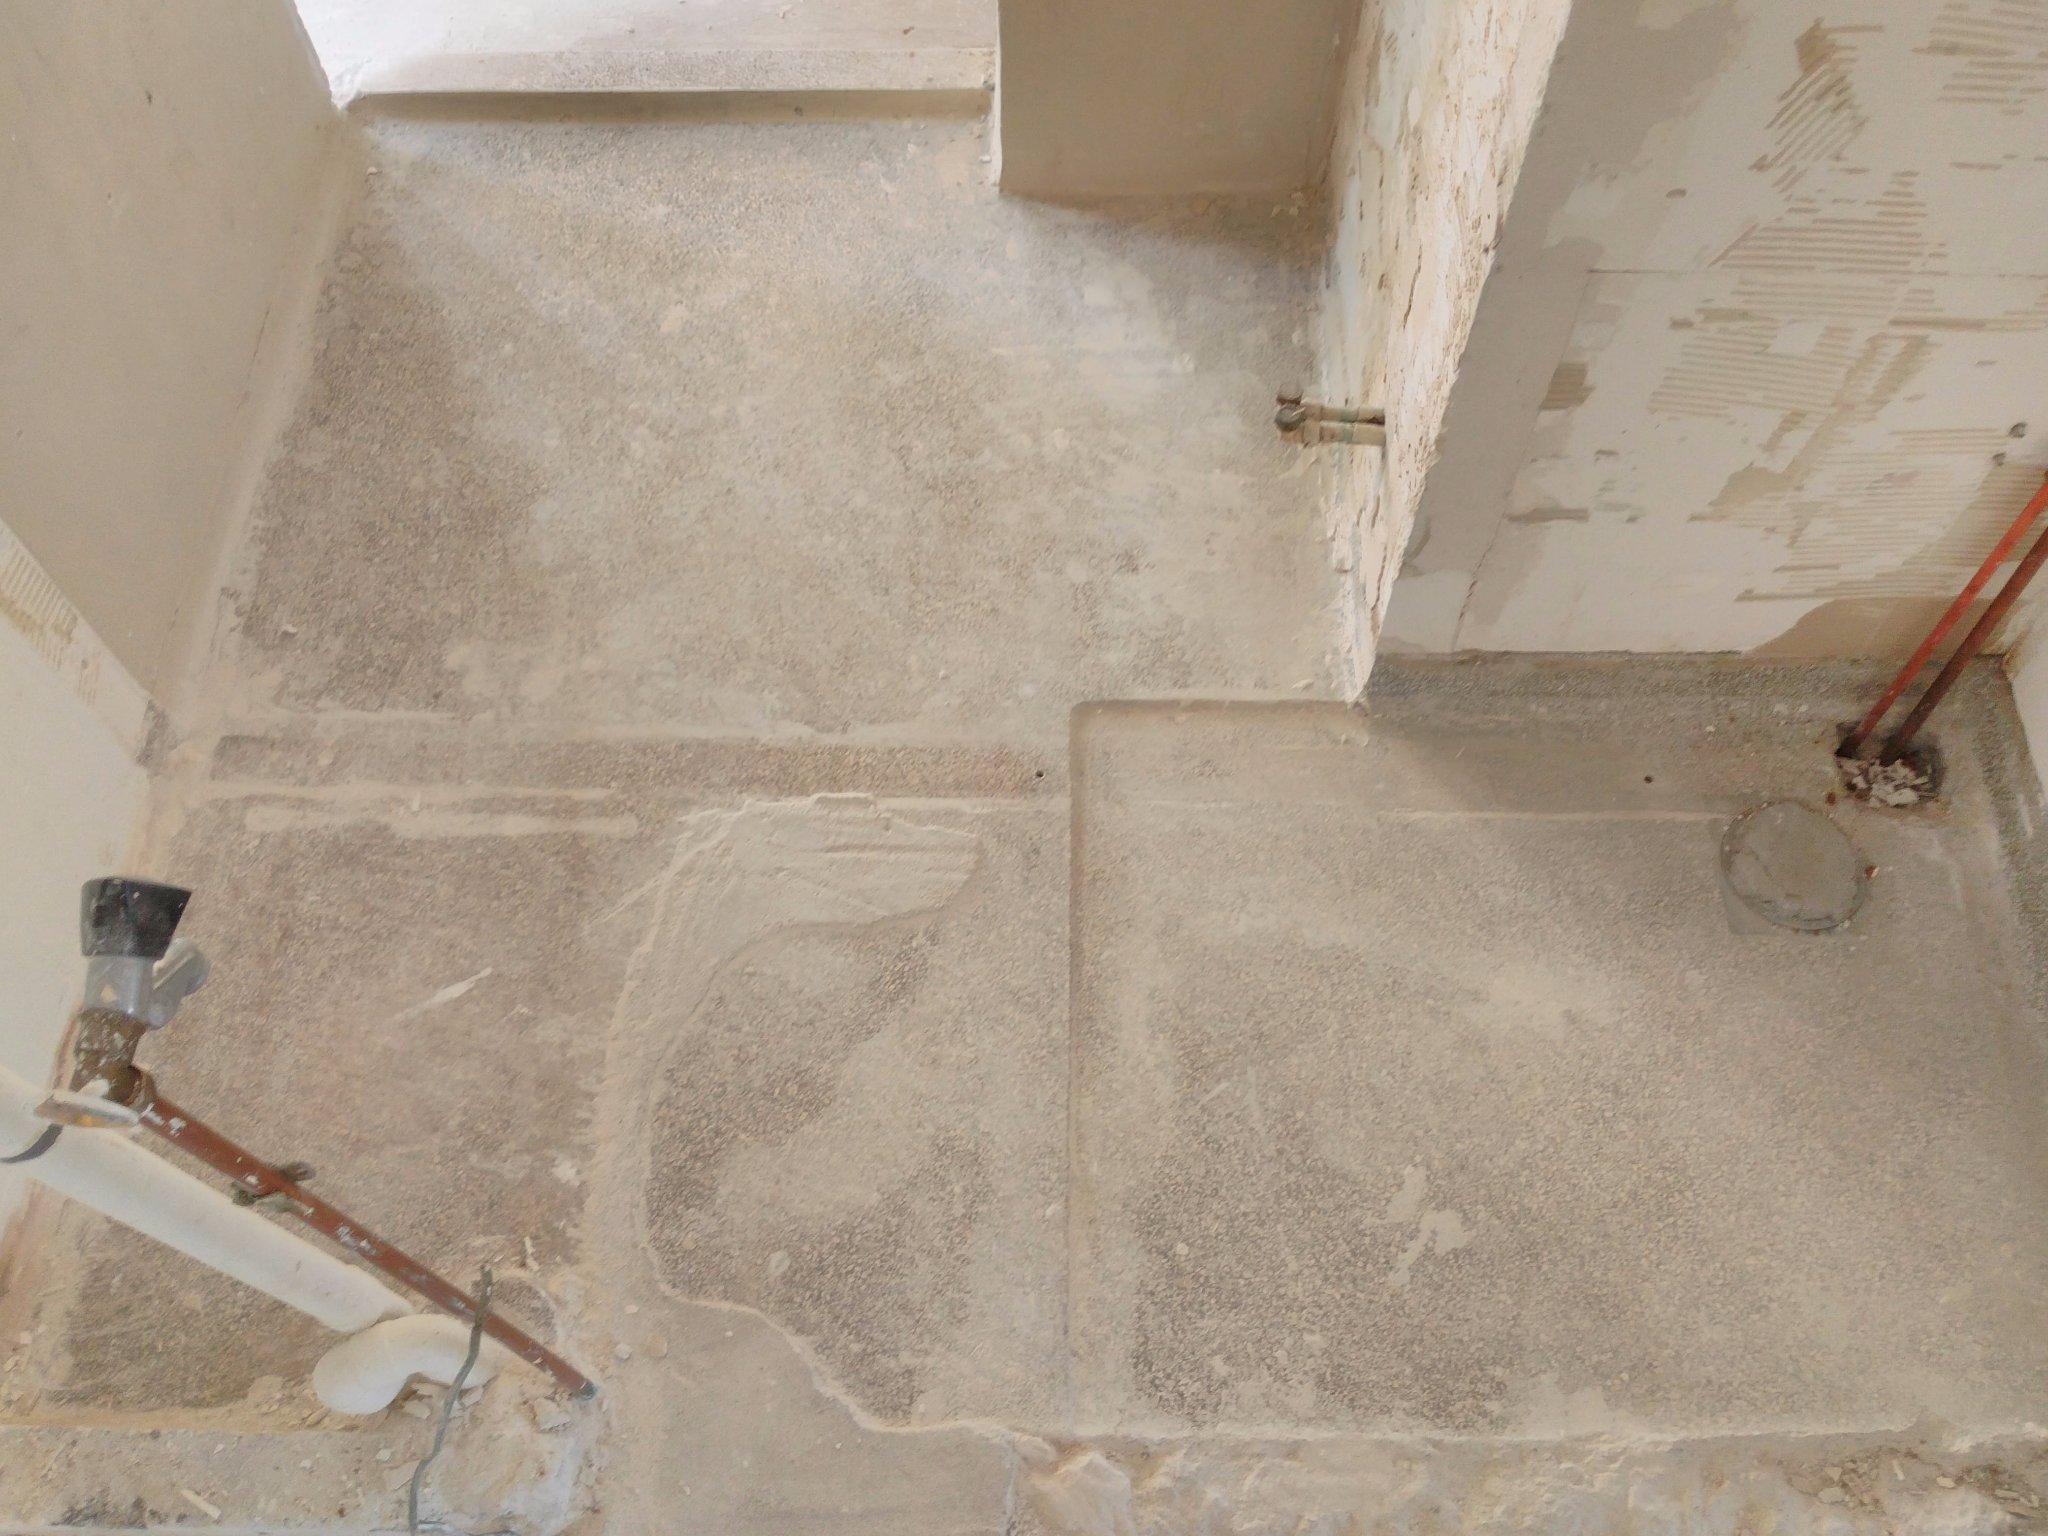 Favoriete Oude granieten douche vloer verwijderen - Werkspot ML46